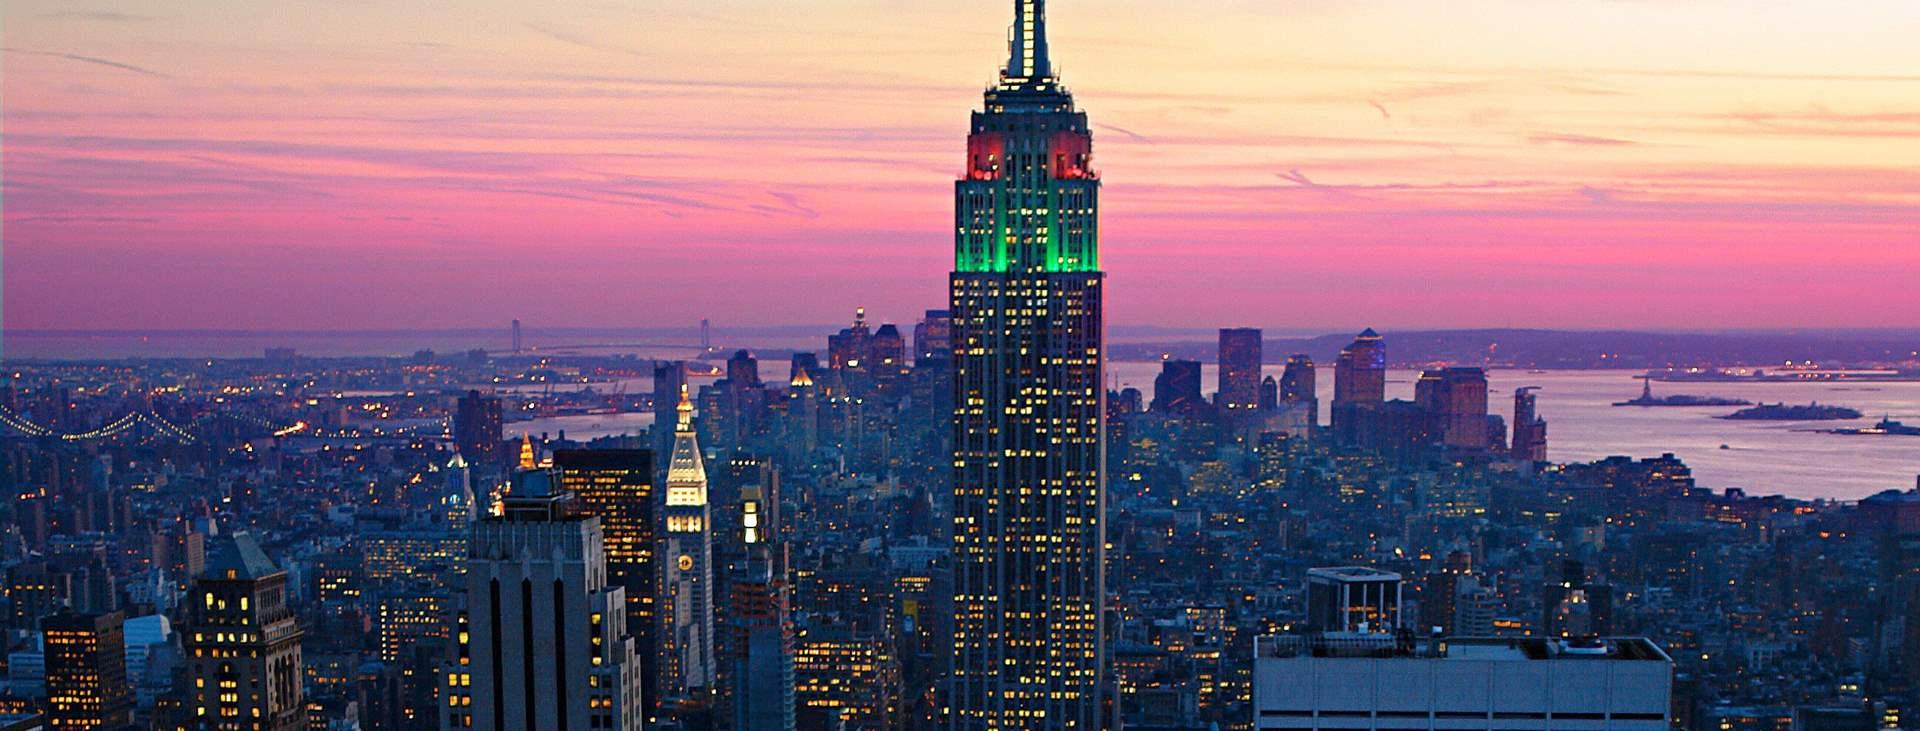 Bestill en reise med Ving til New York i USA